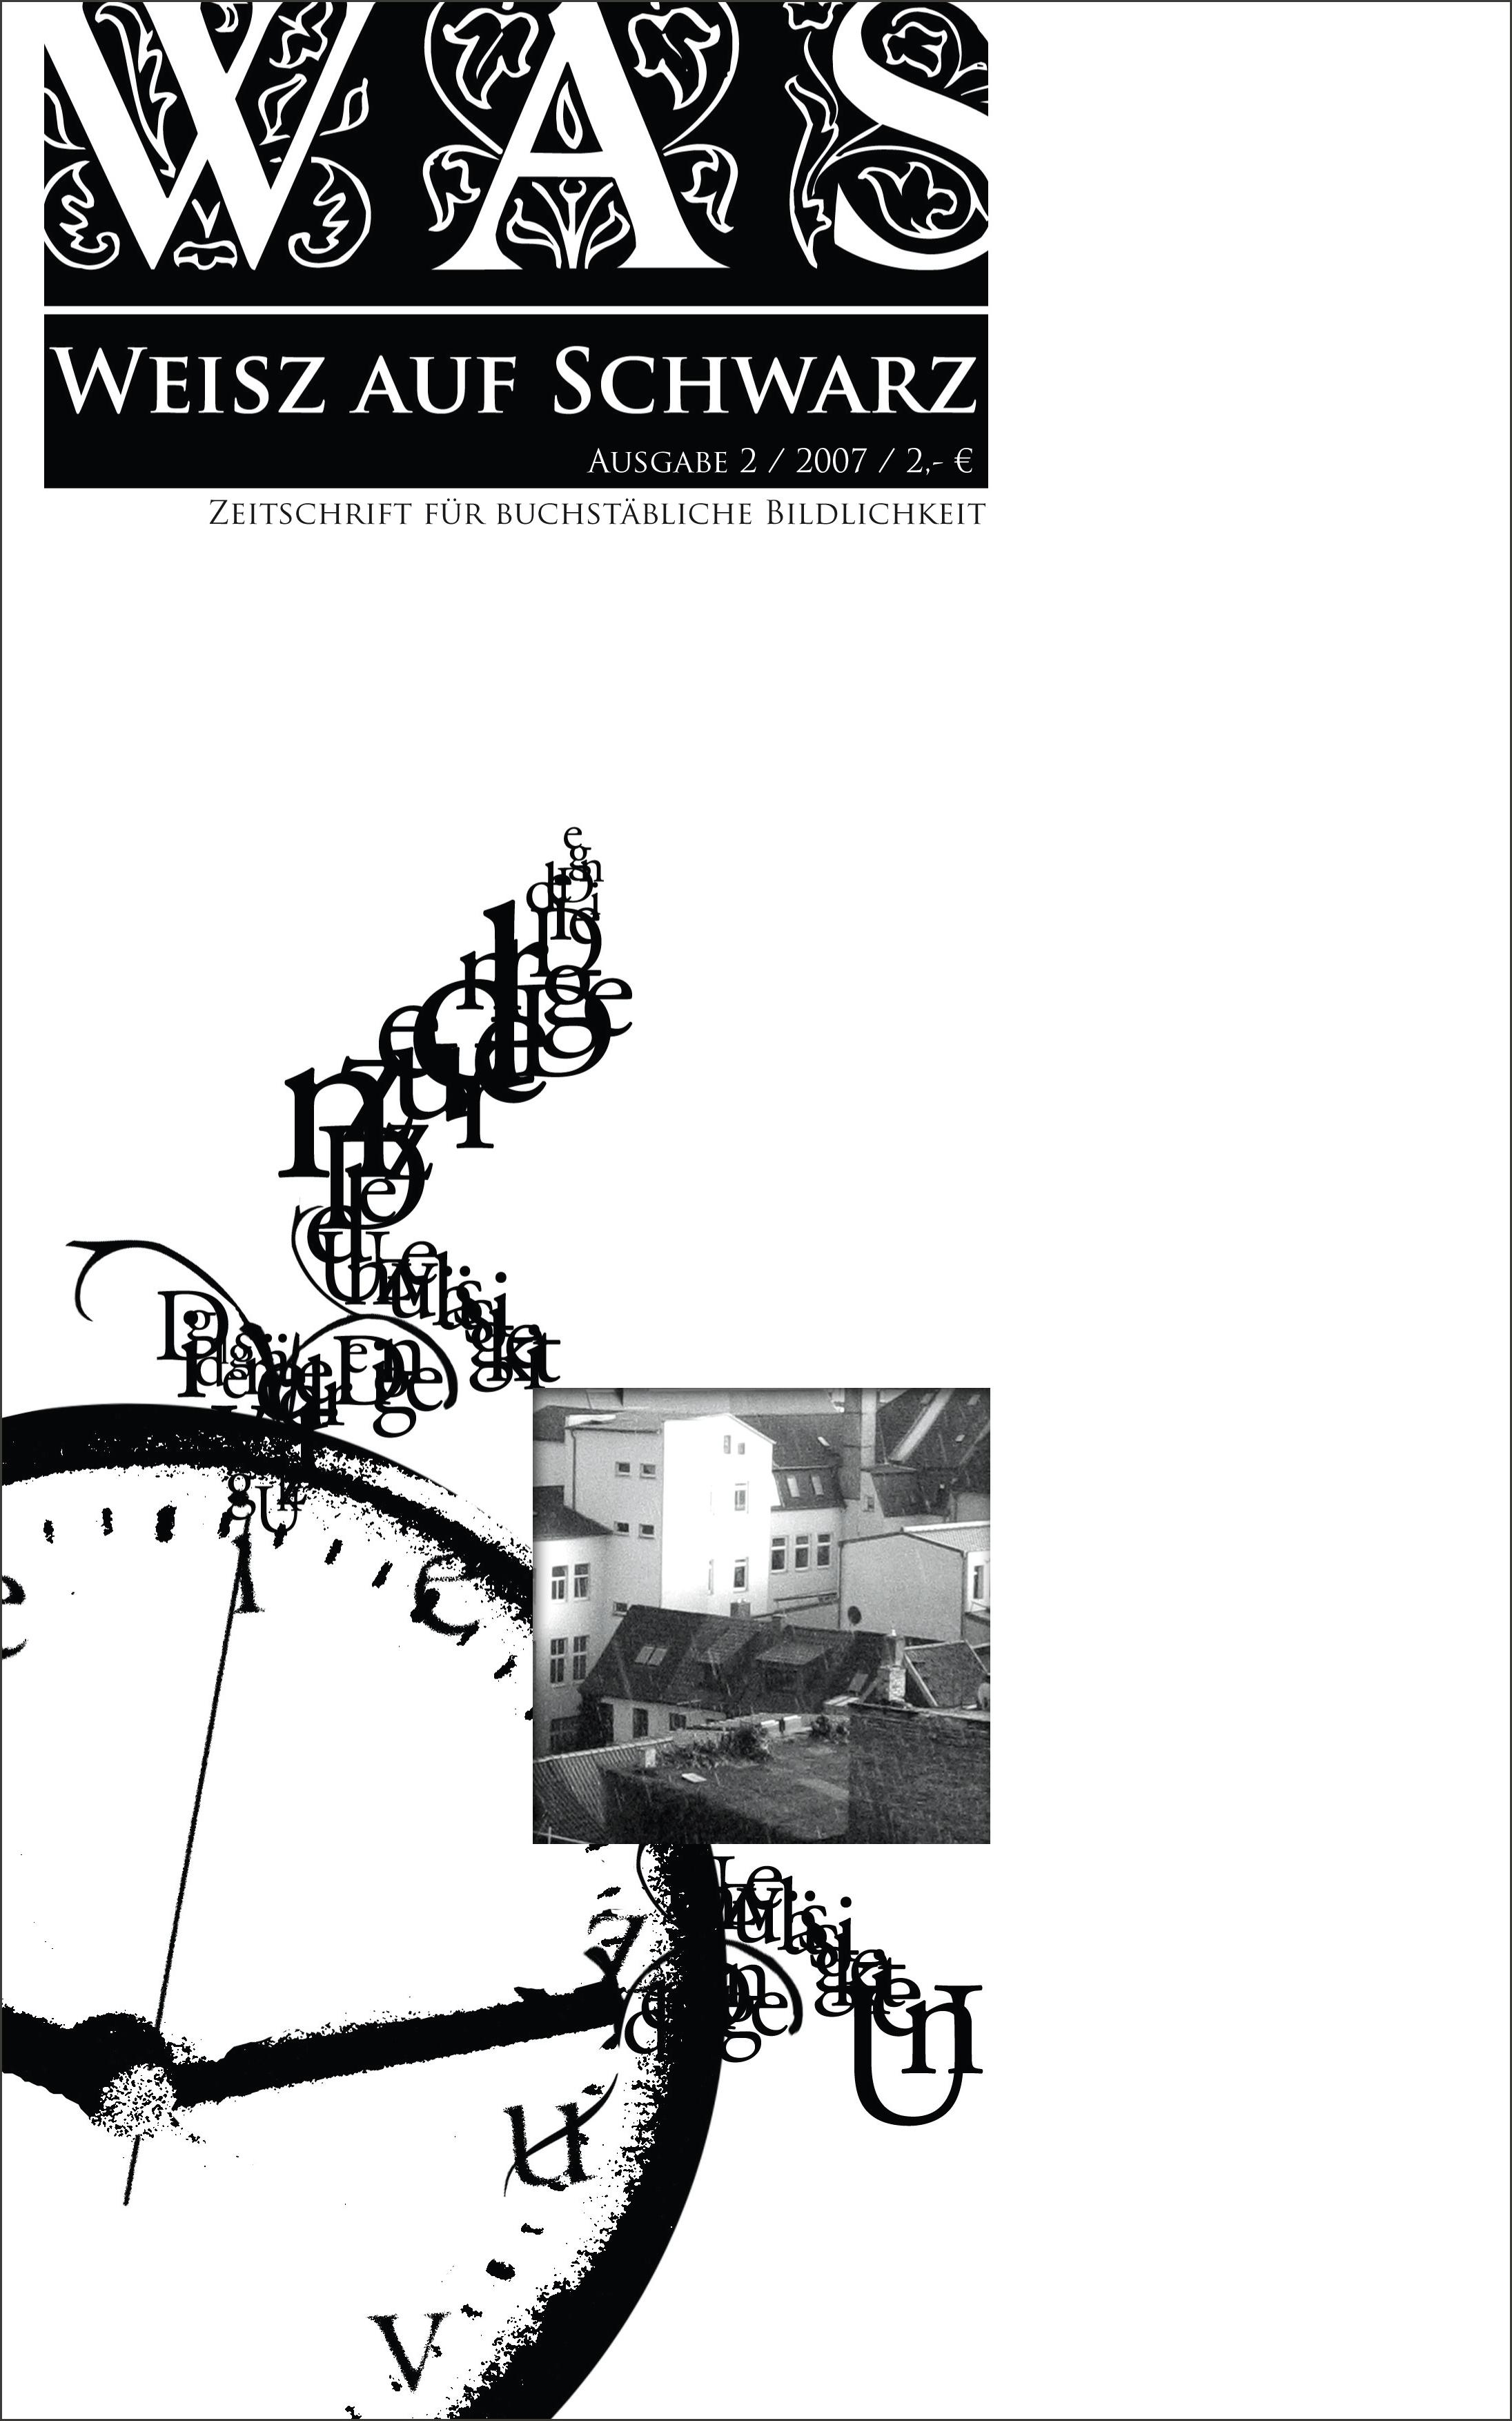 #2 Zeitschrift für buchstäbliche Bildlichkeit